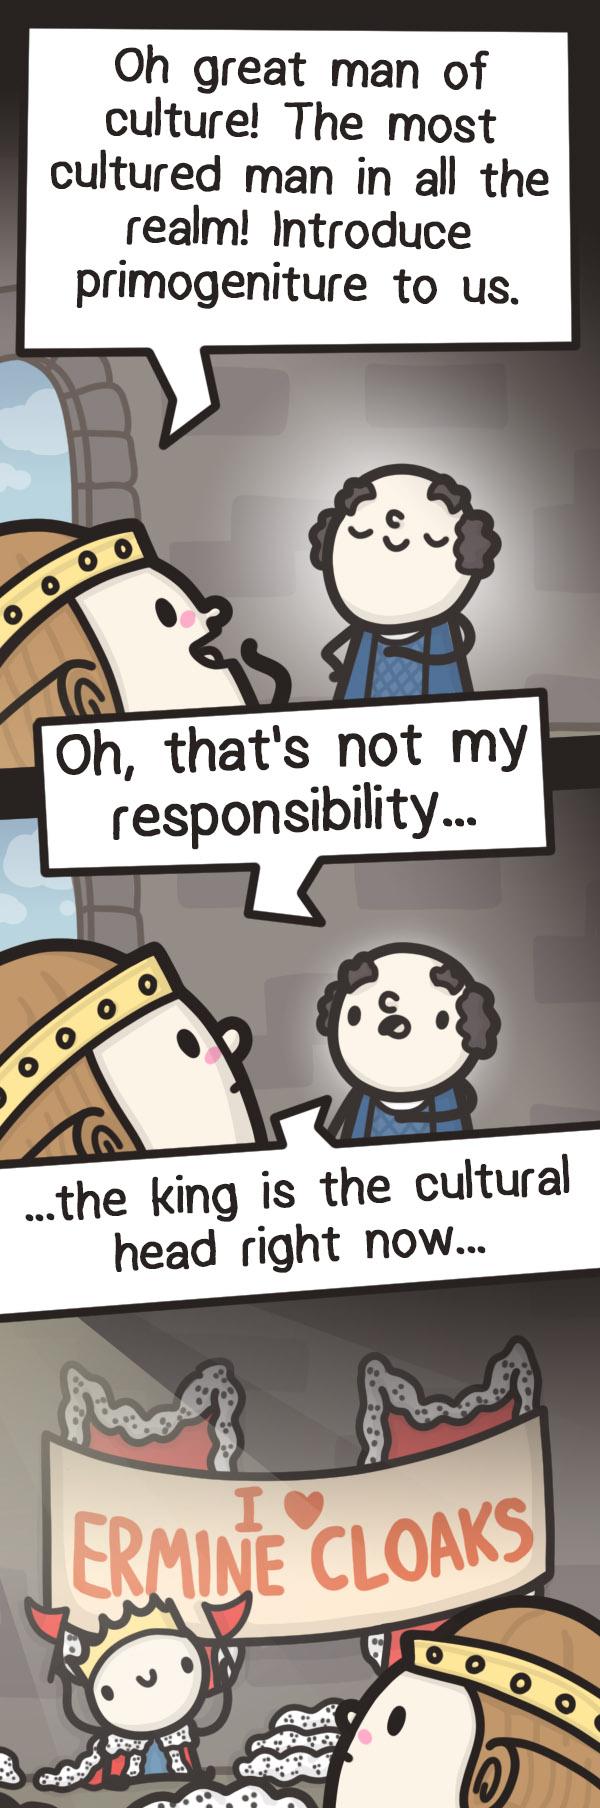 Crusader Kings 3 - Cultural fascination